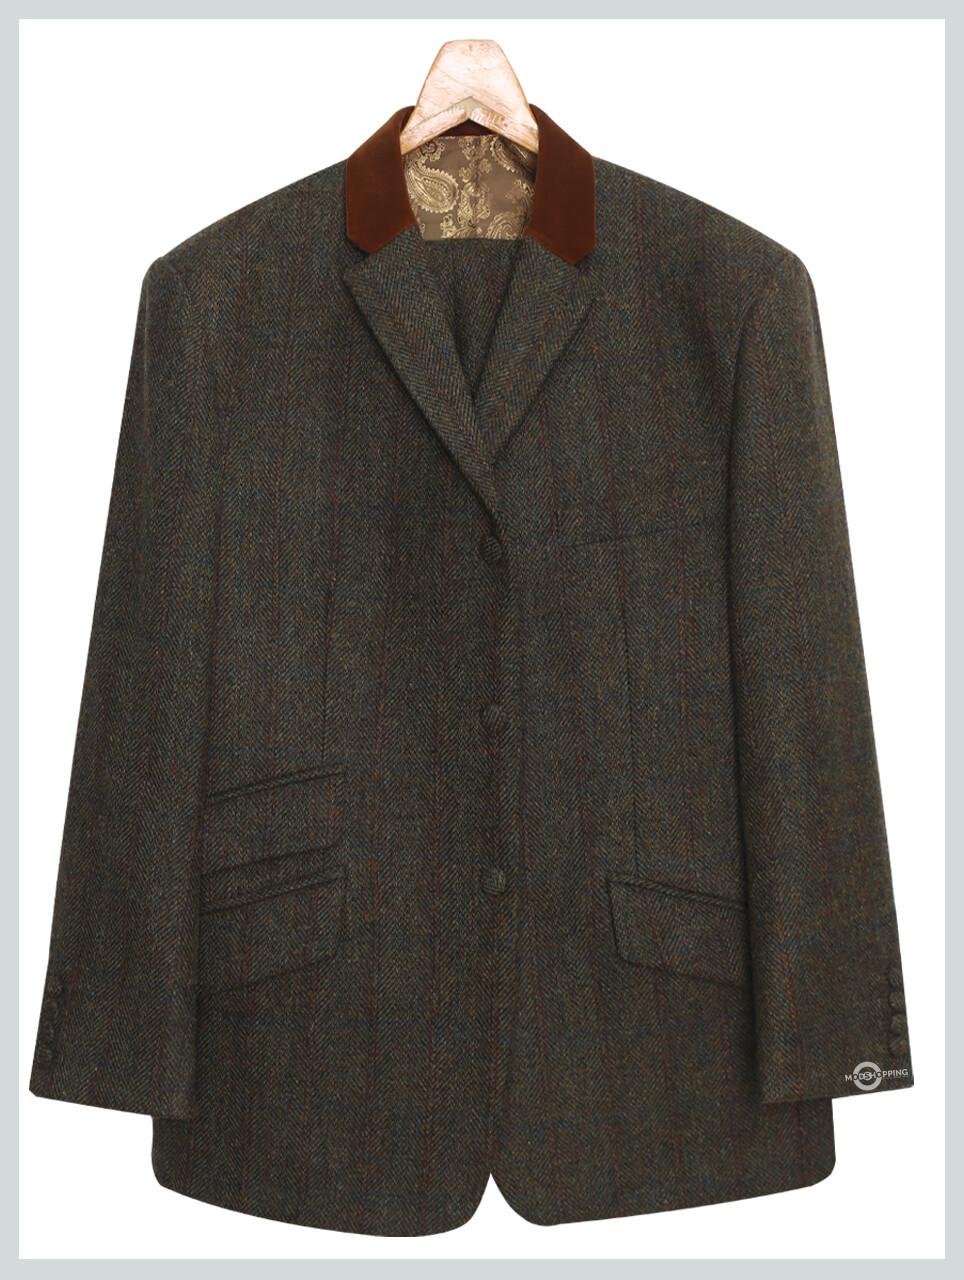 Mod Tweed | Army Green Herringbone Tweed Jacket For Men's